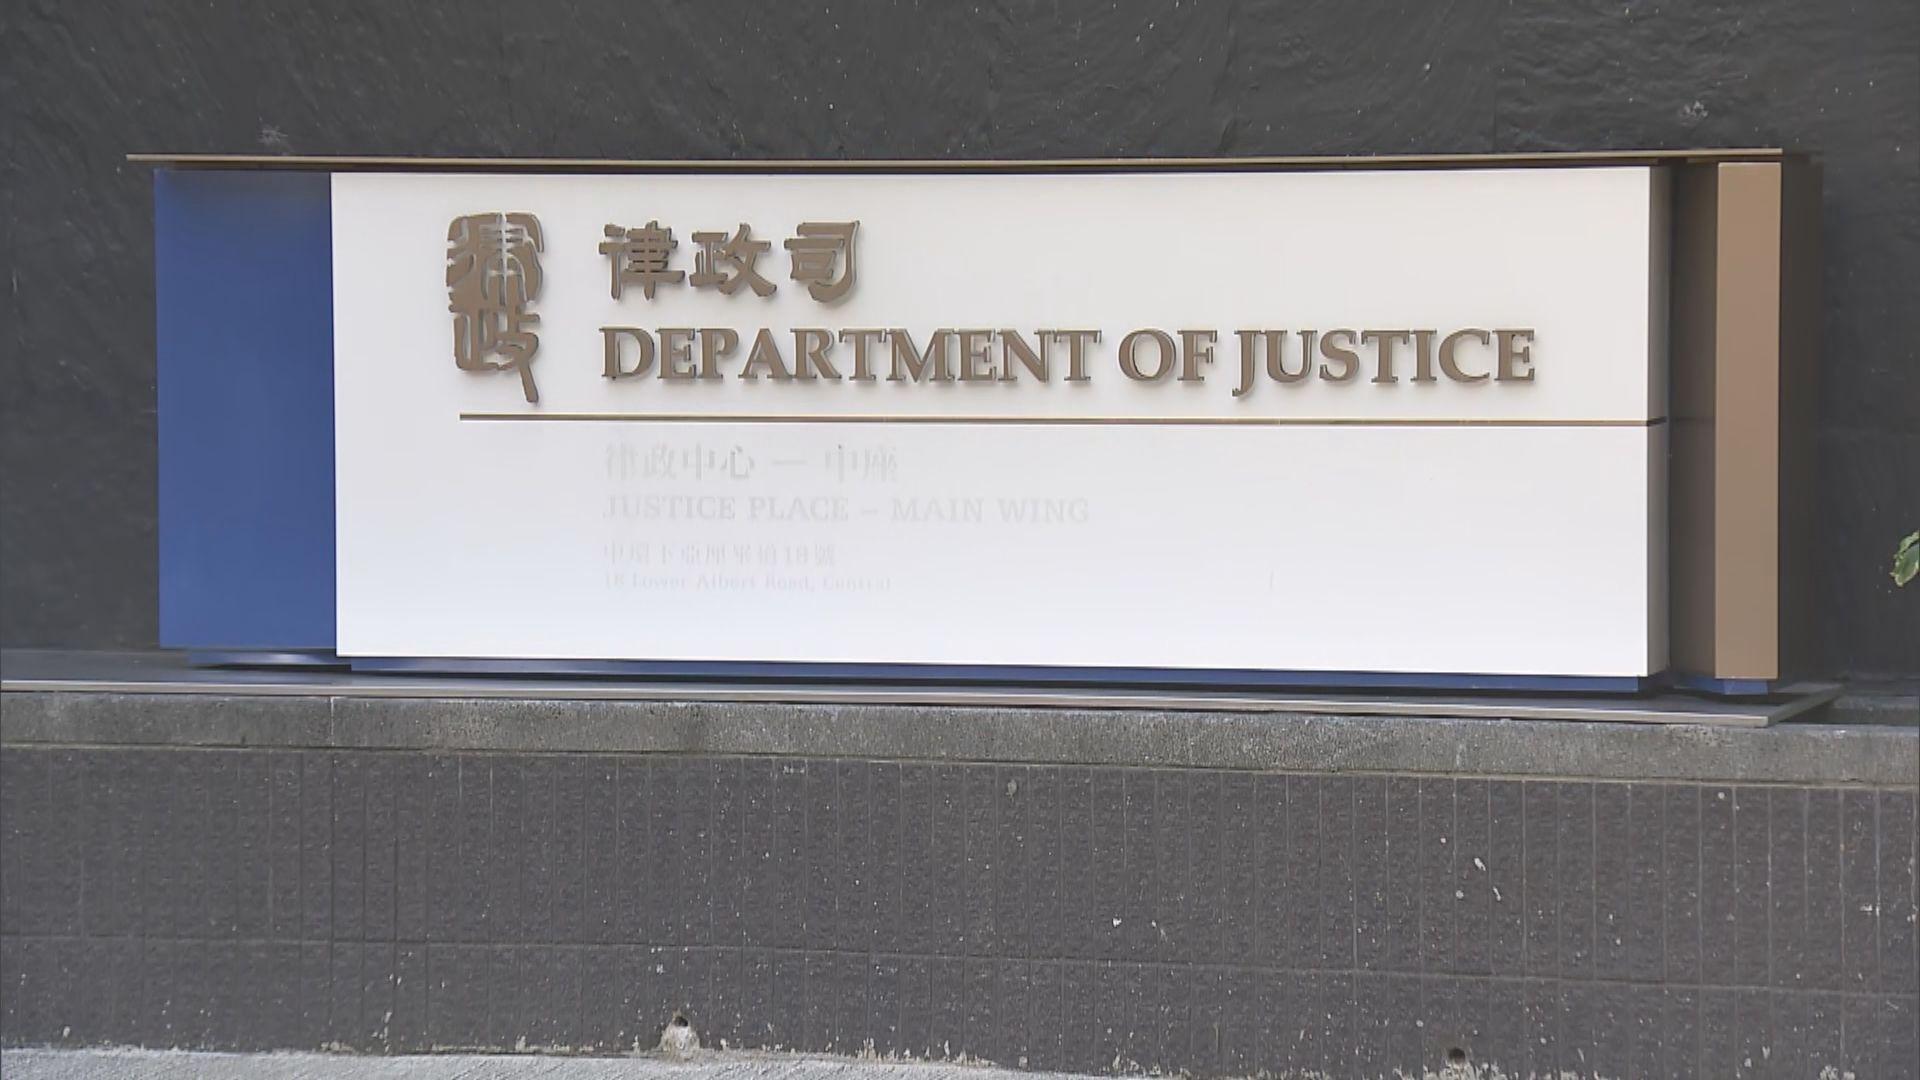 律政司:檢控47名民主派人士不涉及任何政治考慮